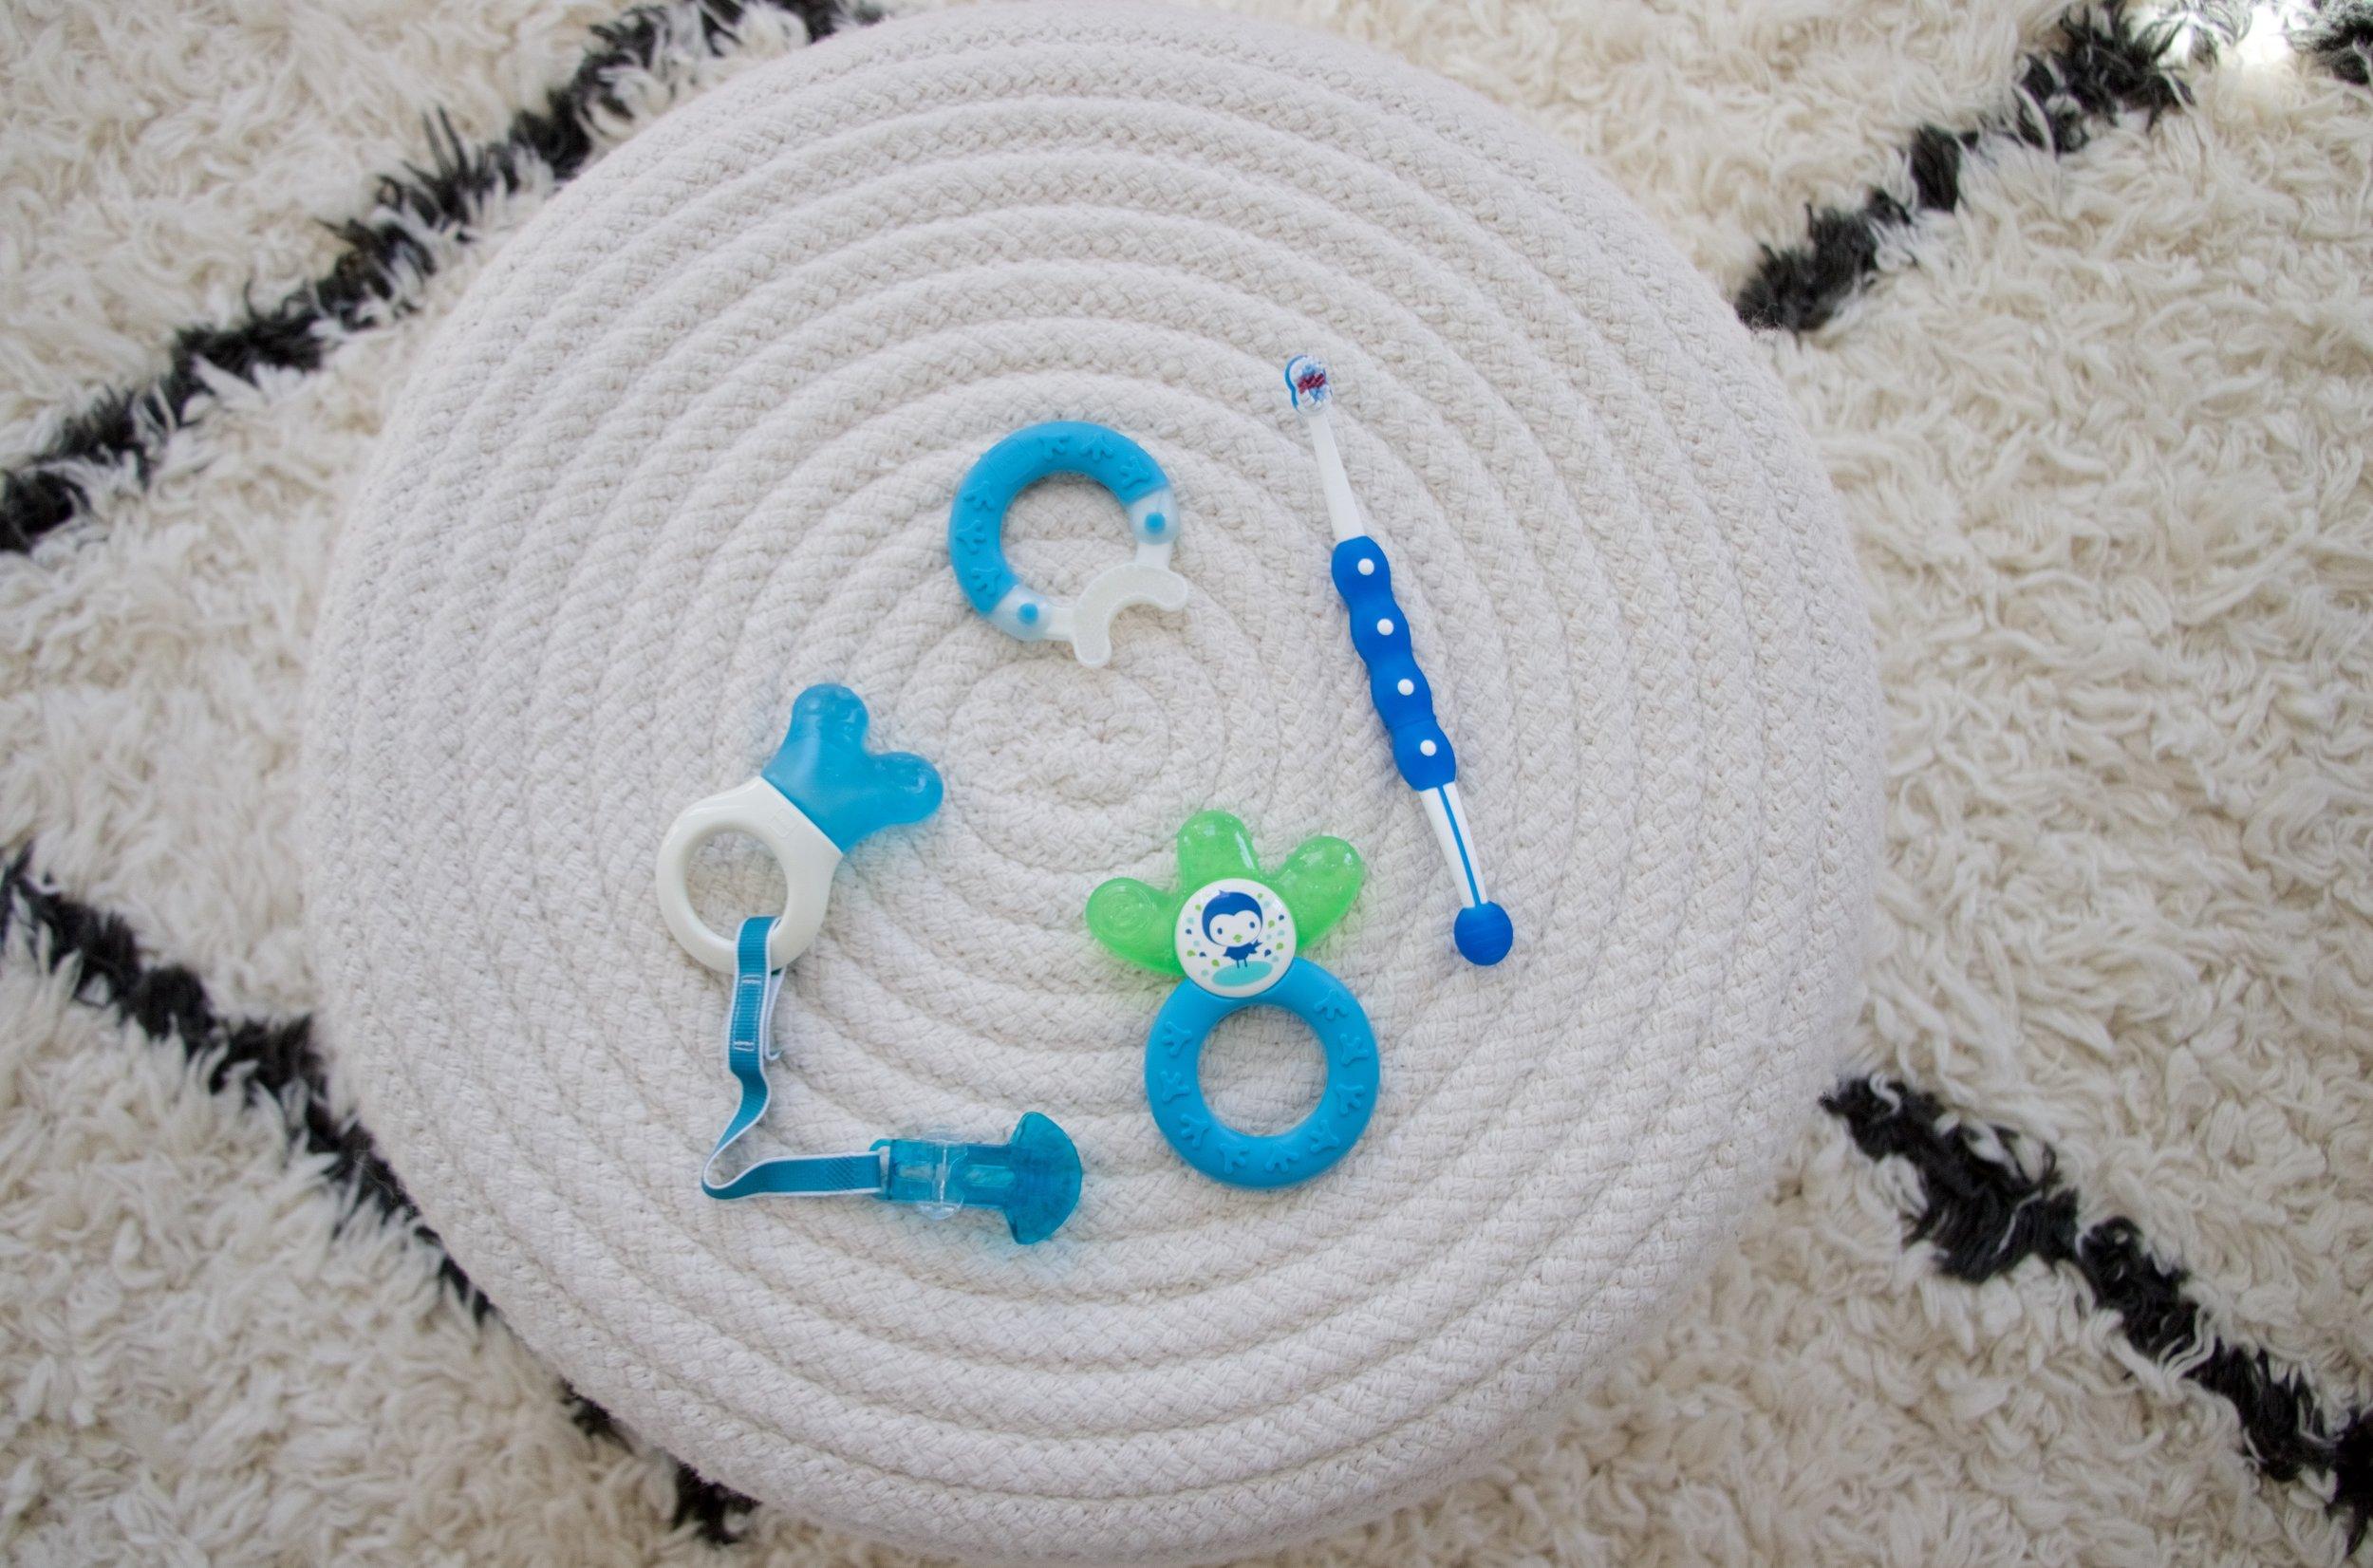 From Left clockwise: Mini Cooler, Bite & Brush, Training Brush, Cooler